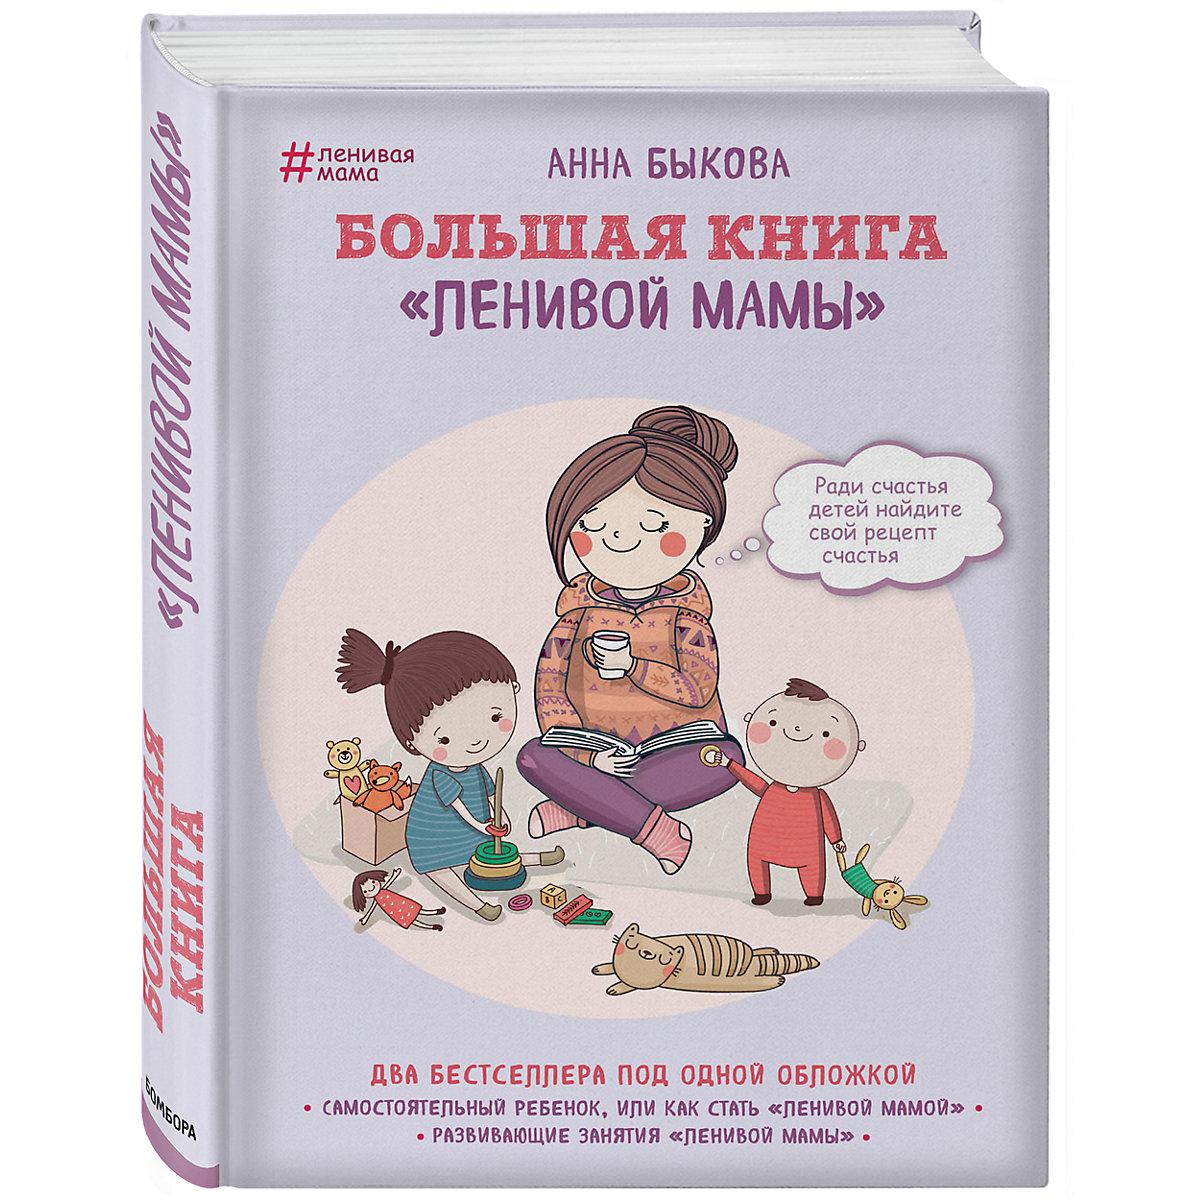 Libros EKSMO 7367696 niños educación encyclope alfabeto diccionario libro para bebé MTpromo